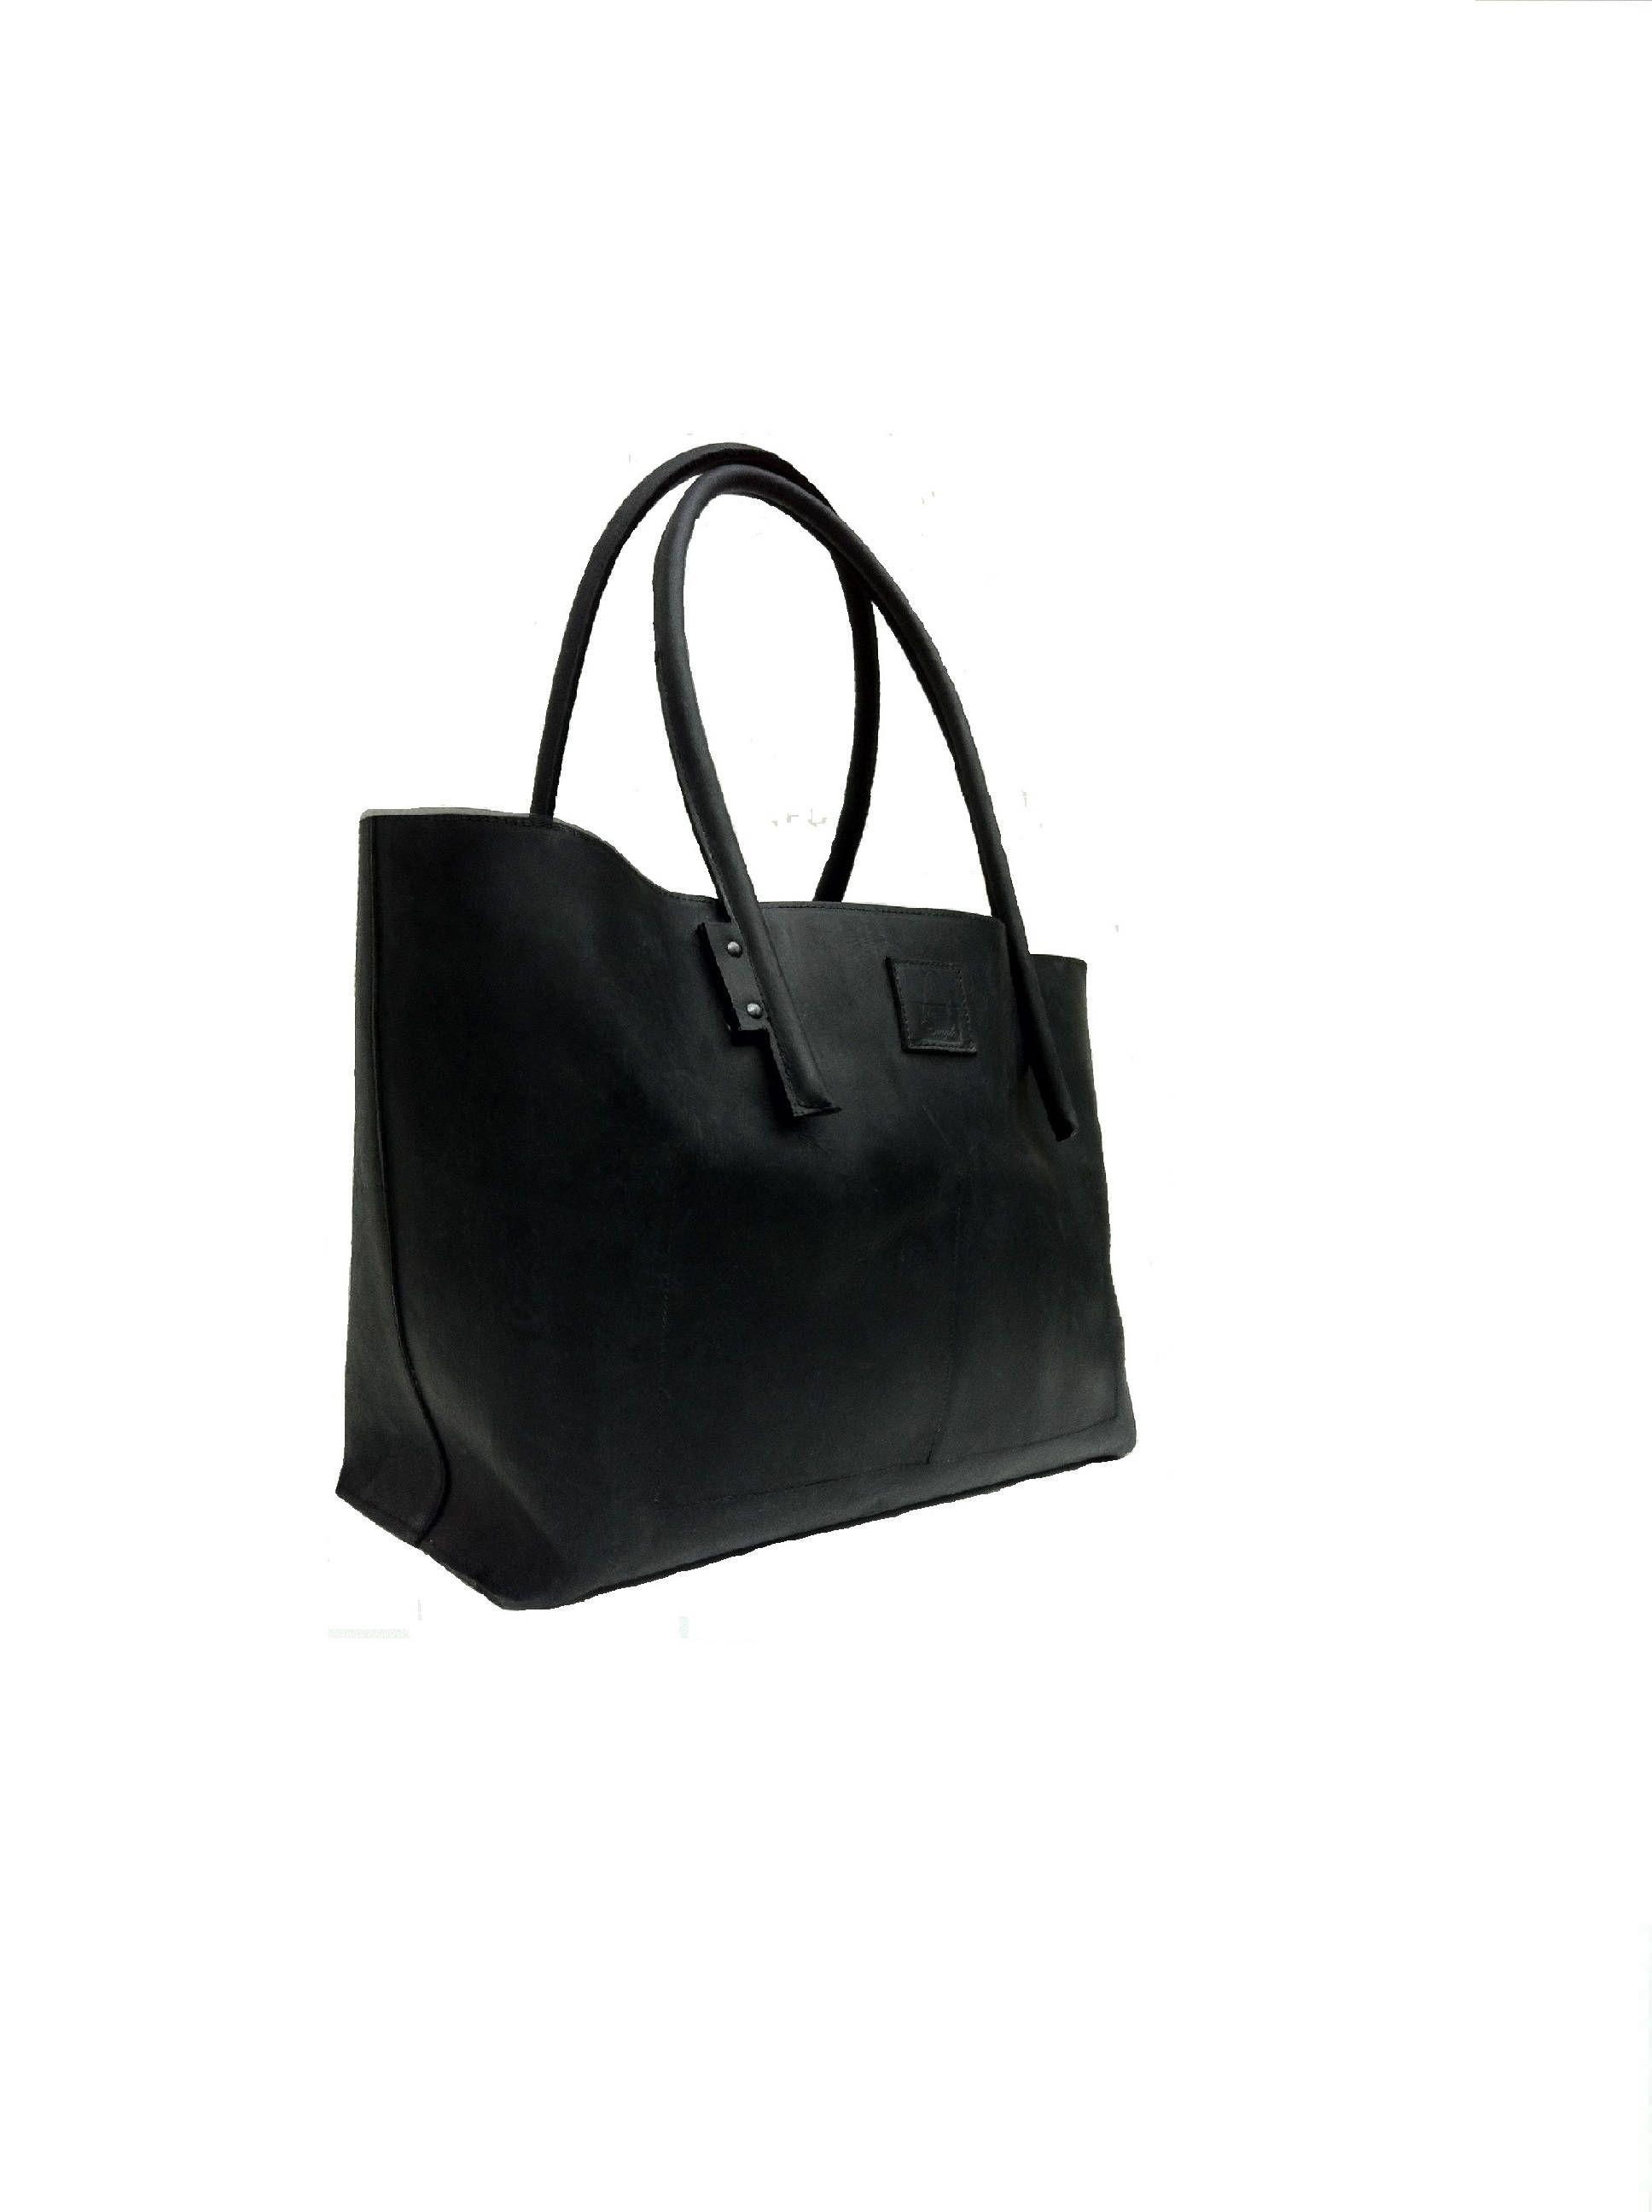 black large leather handbag handmade weekender shopping bag shopper ledershopper used look. Black Bedroom Furniture Sets. Home Design Ideas